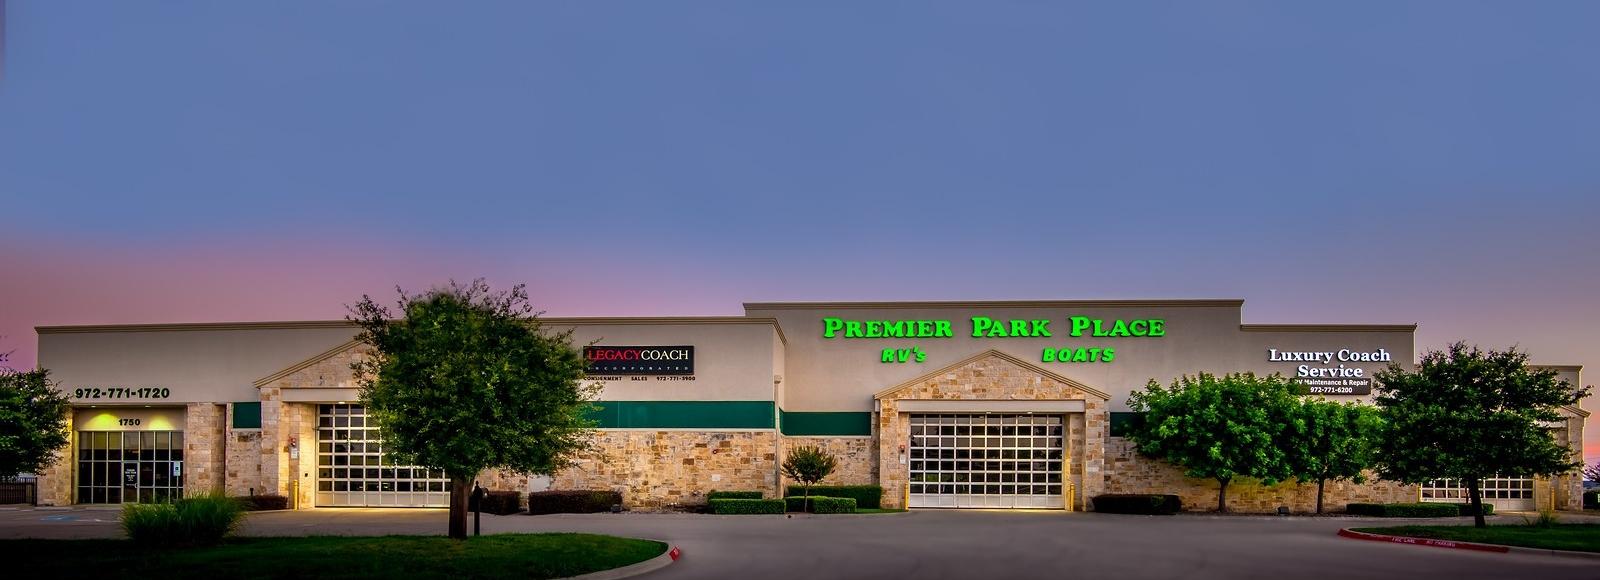 Storage Partner  Premier Park Place